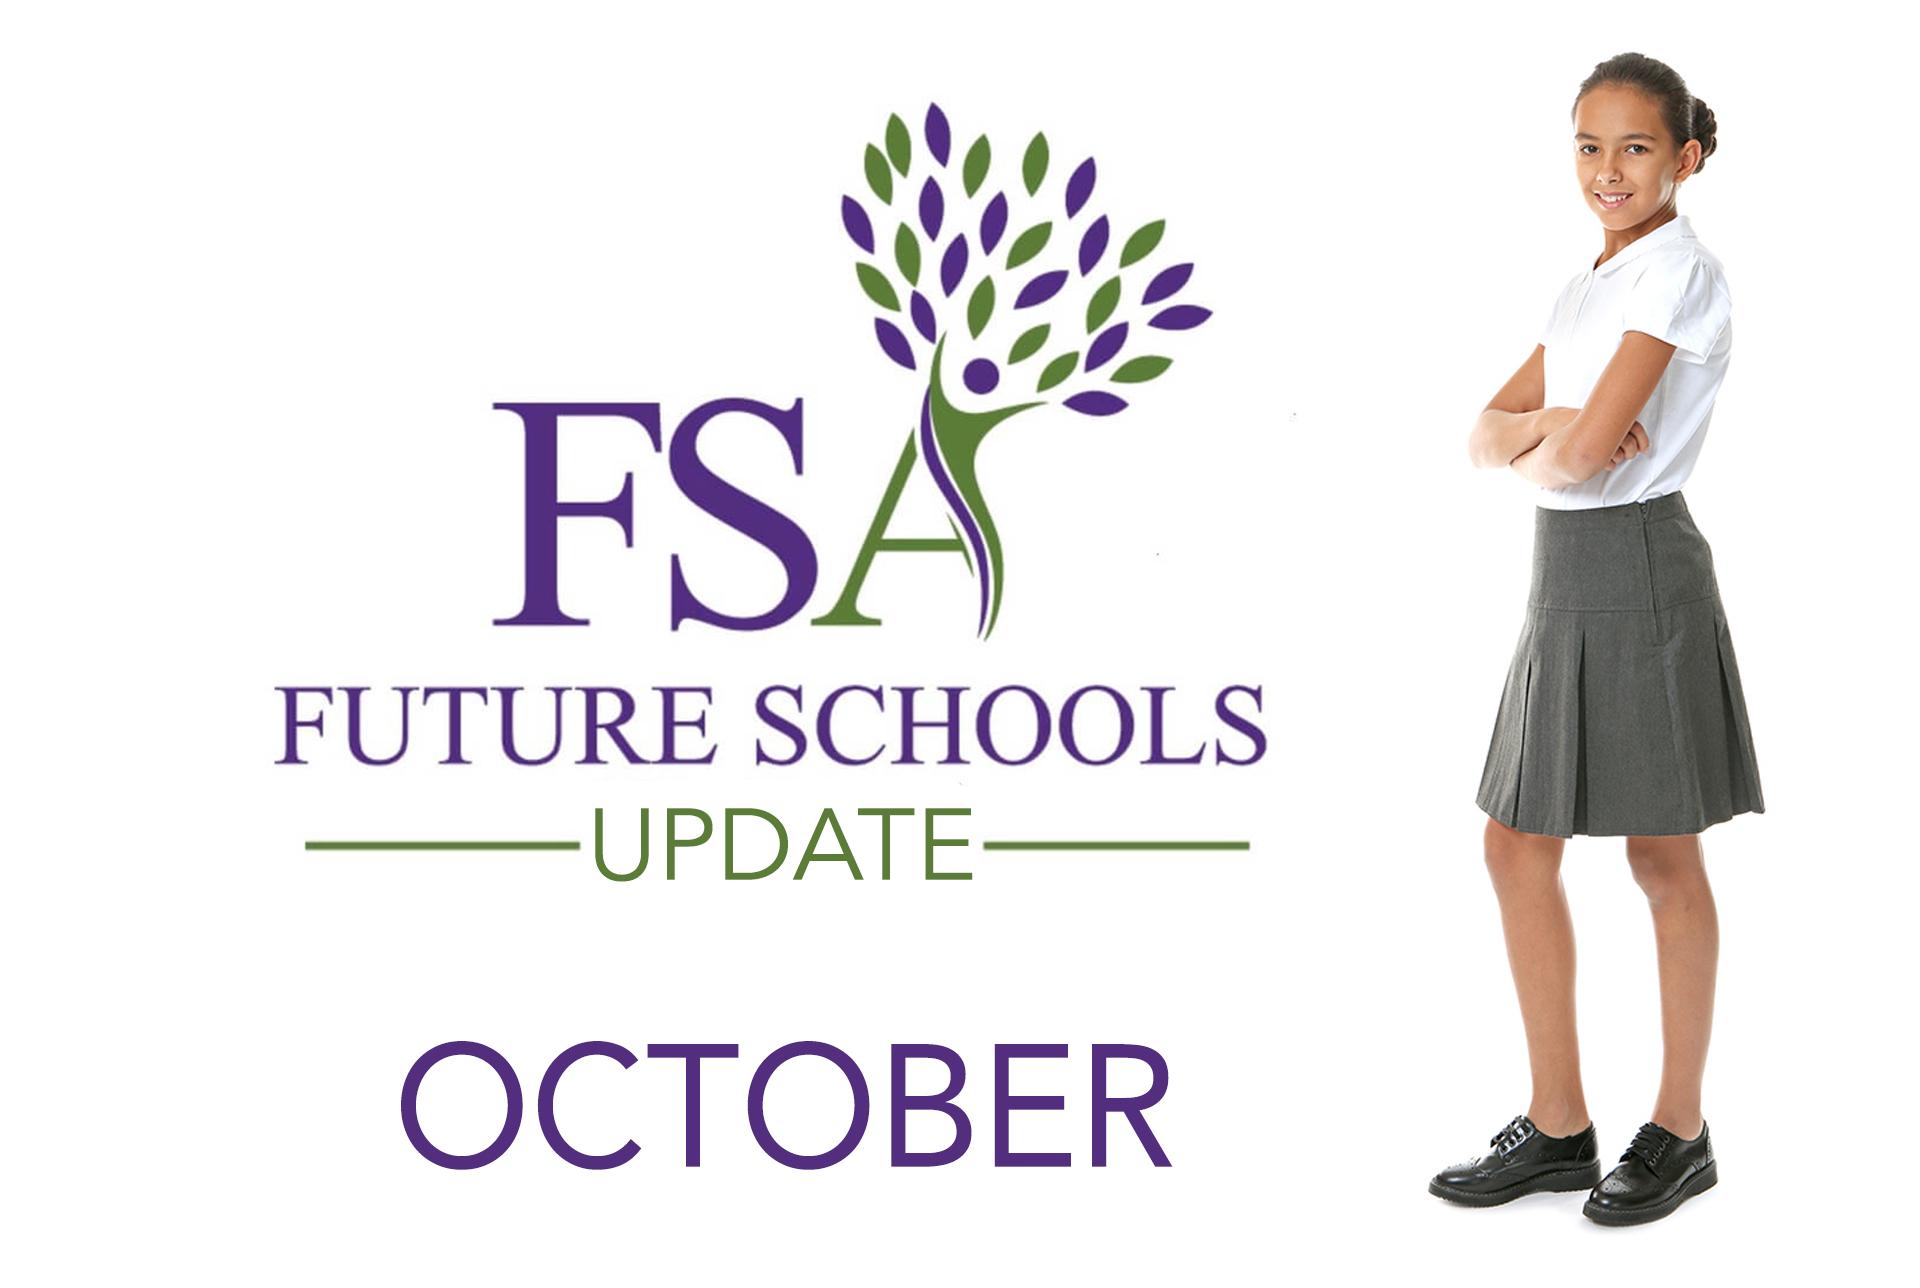 Update October